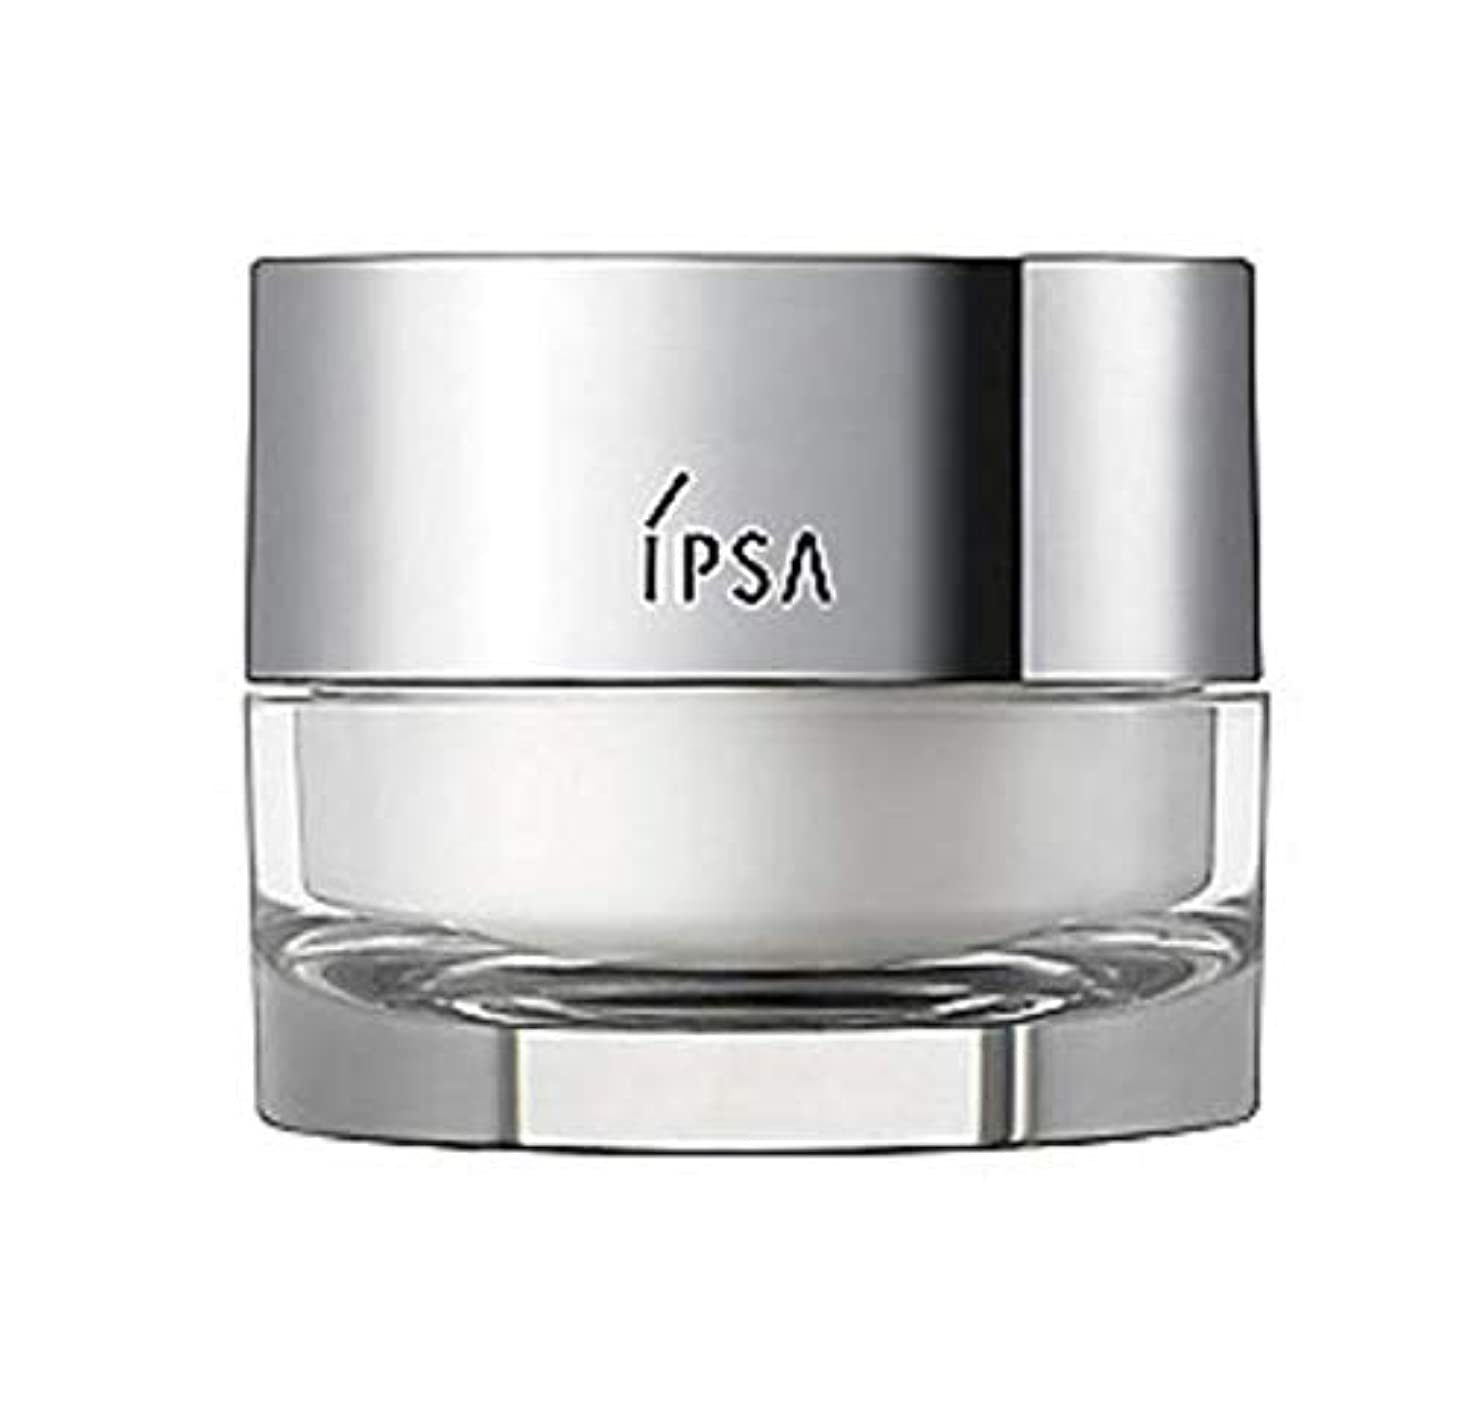 離婚望むブッシュ【IPSA(イプサ)】ターゲットエフェクト S_30g(クリーム)